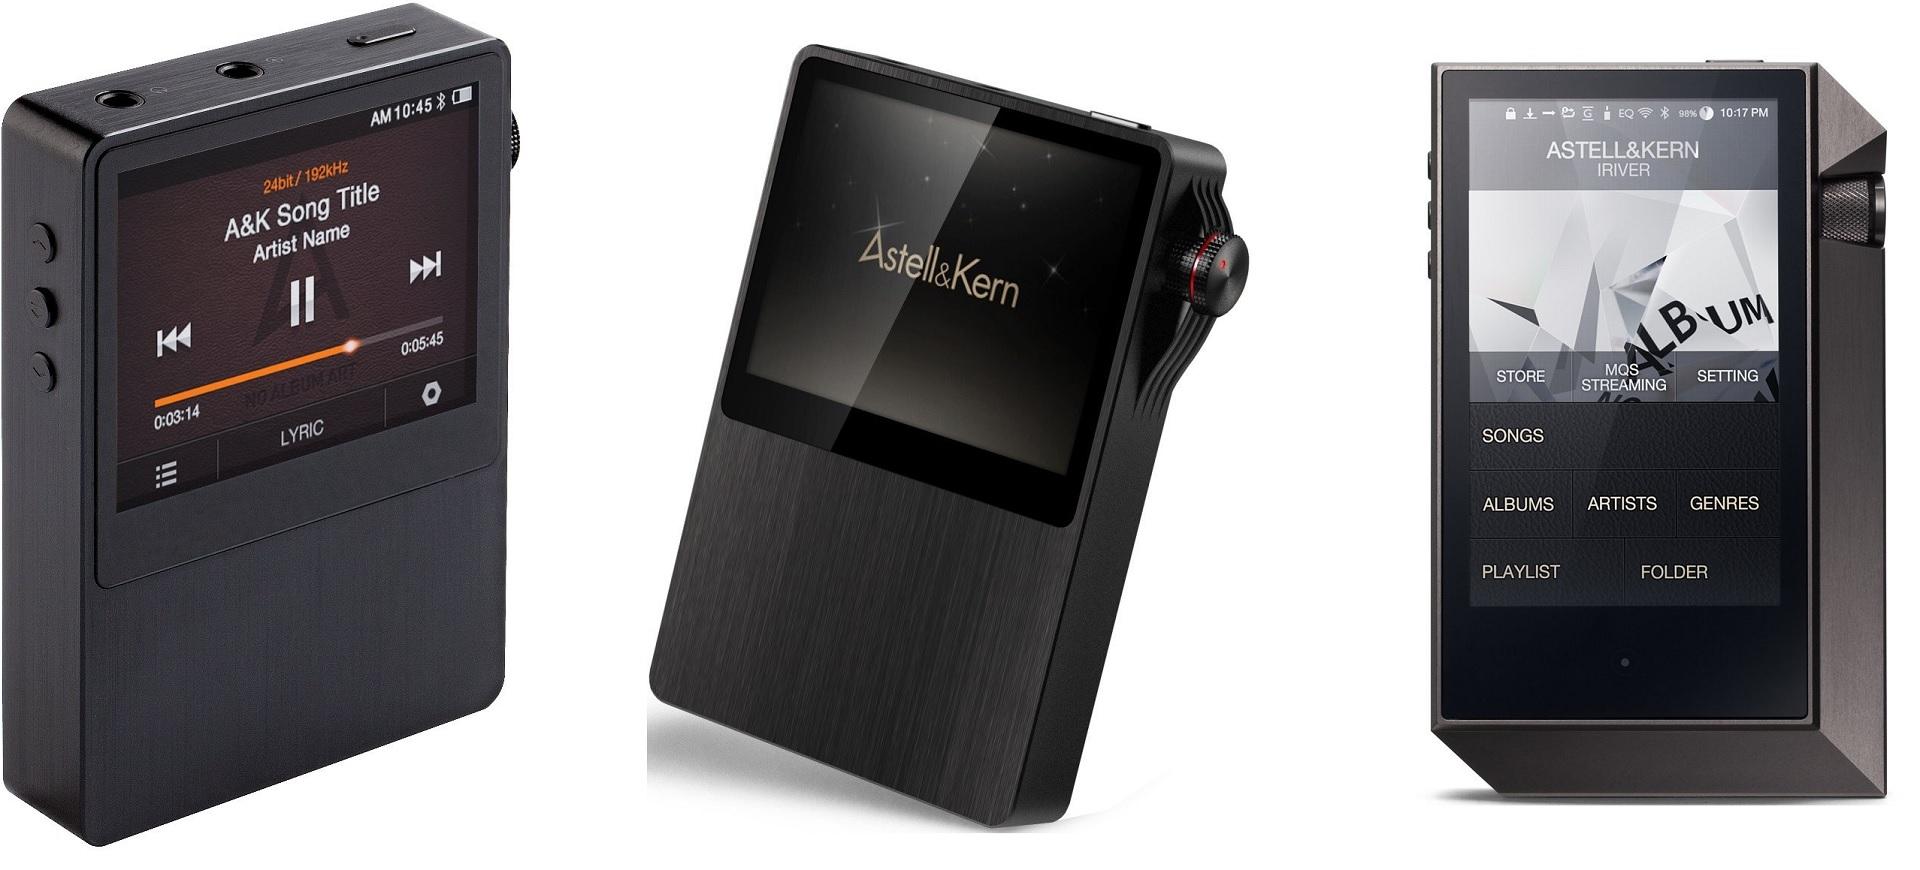 아이리버 아스텔&컨(iriver Astell&Kern) AK10..